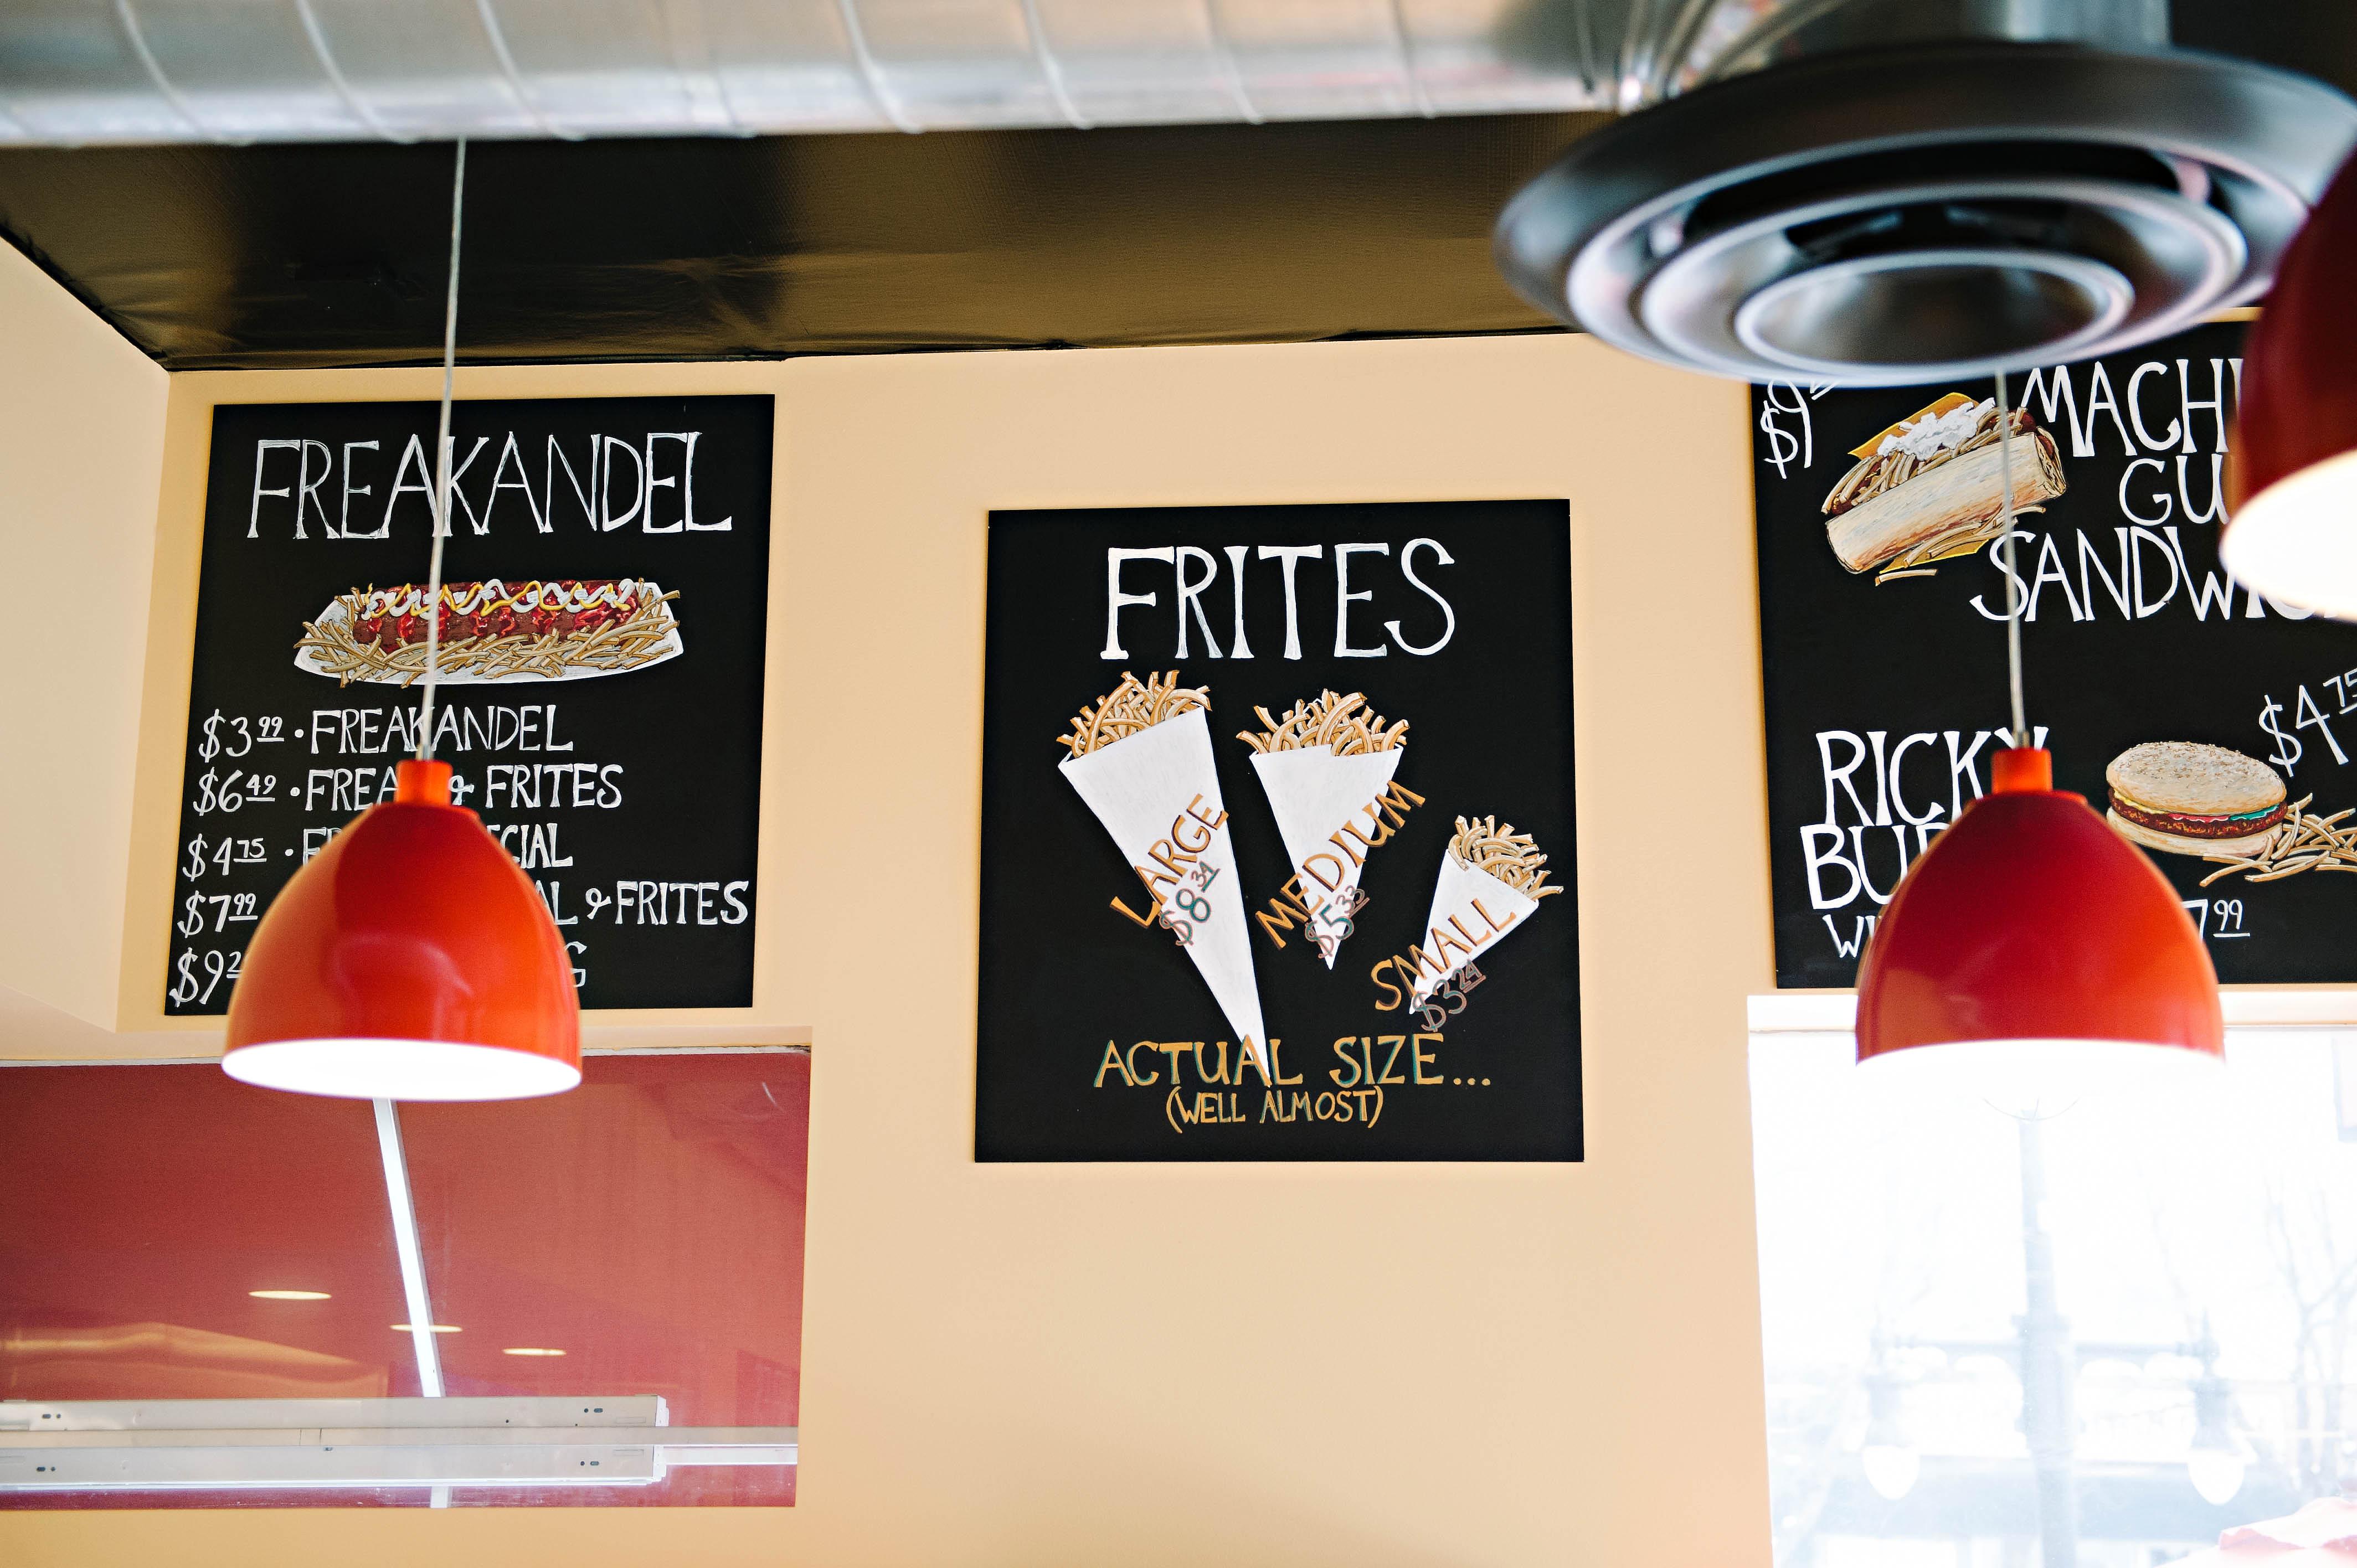 Bruges Waffles & Frites image 0